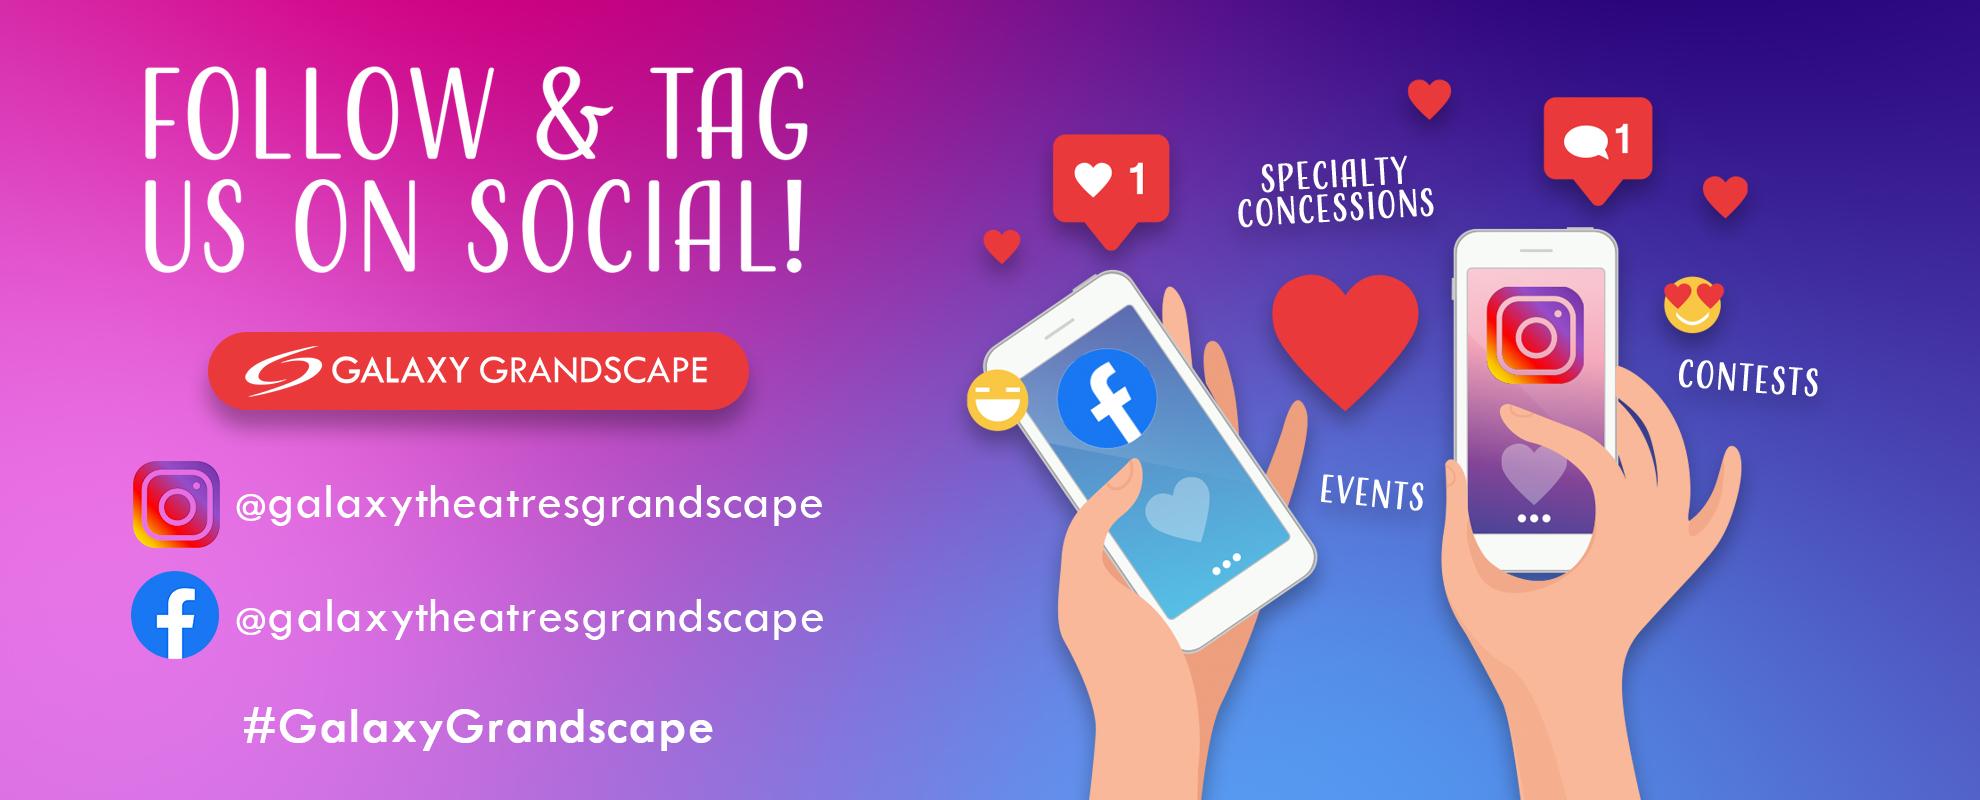 Socials/Hashtag-Grandscape image